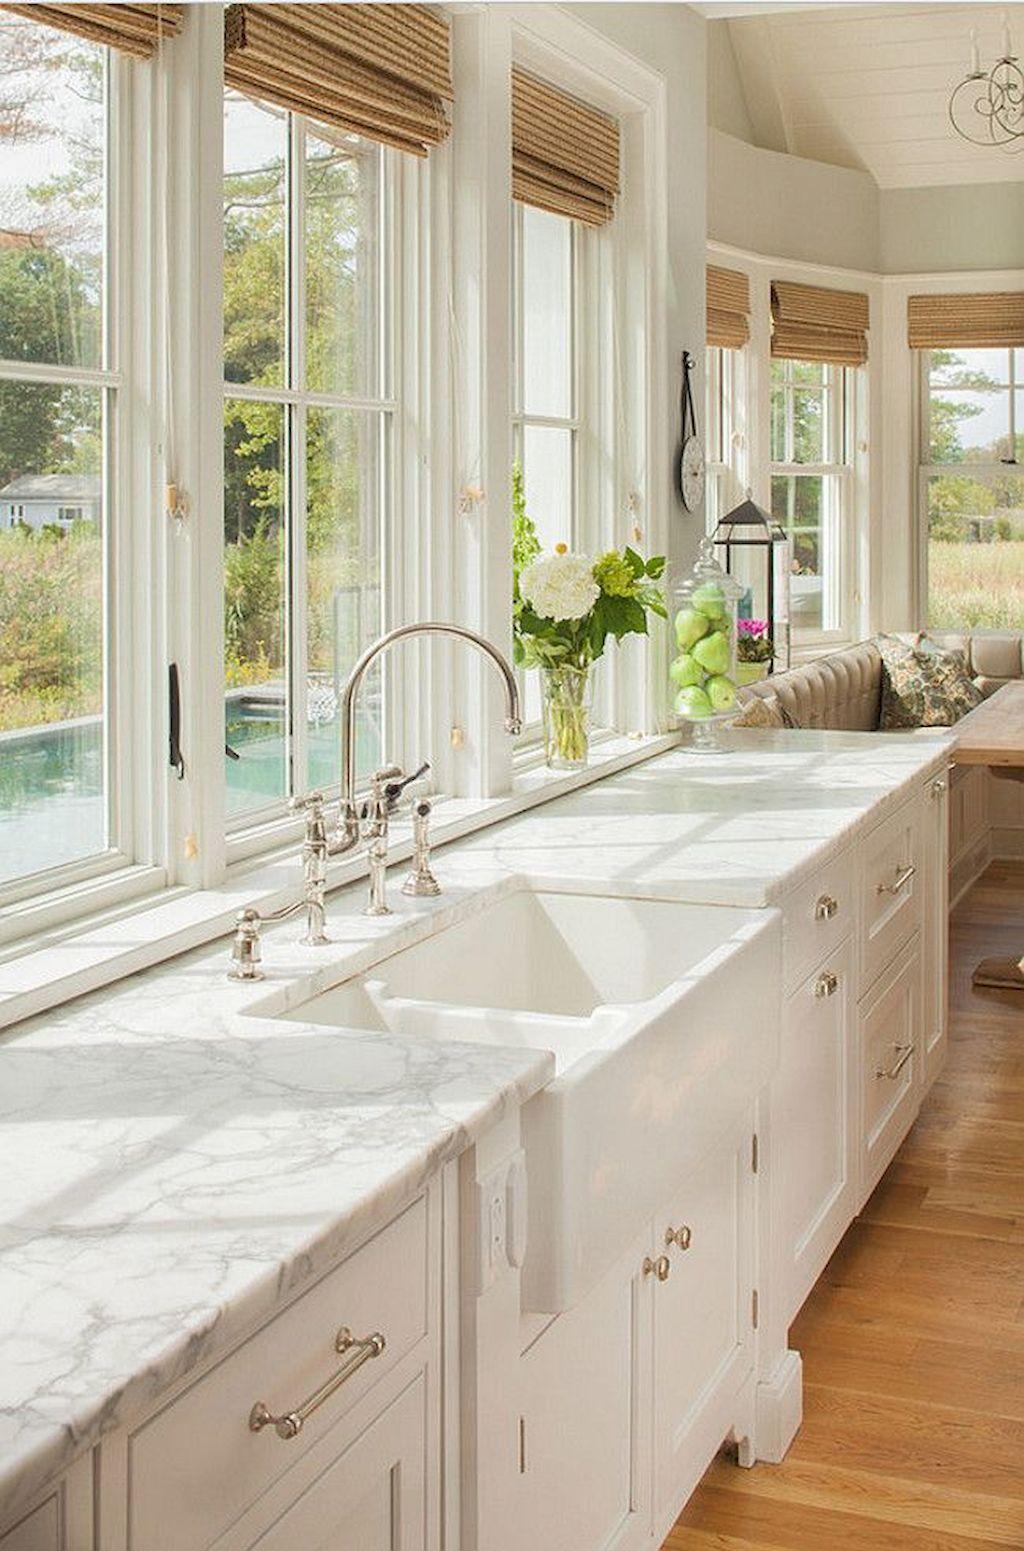 28 Best Farmhouse Kitchen Sink Design Ideas